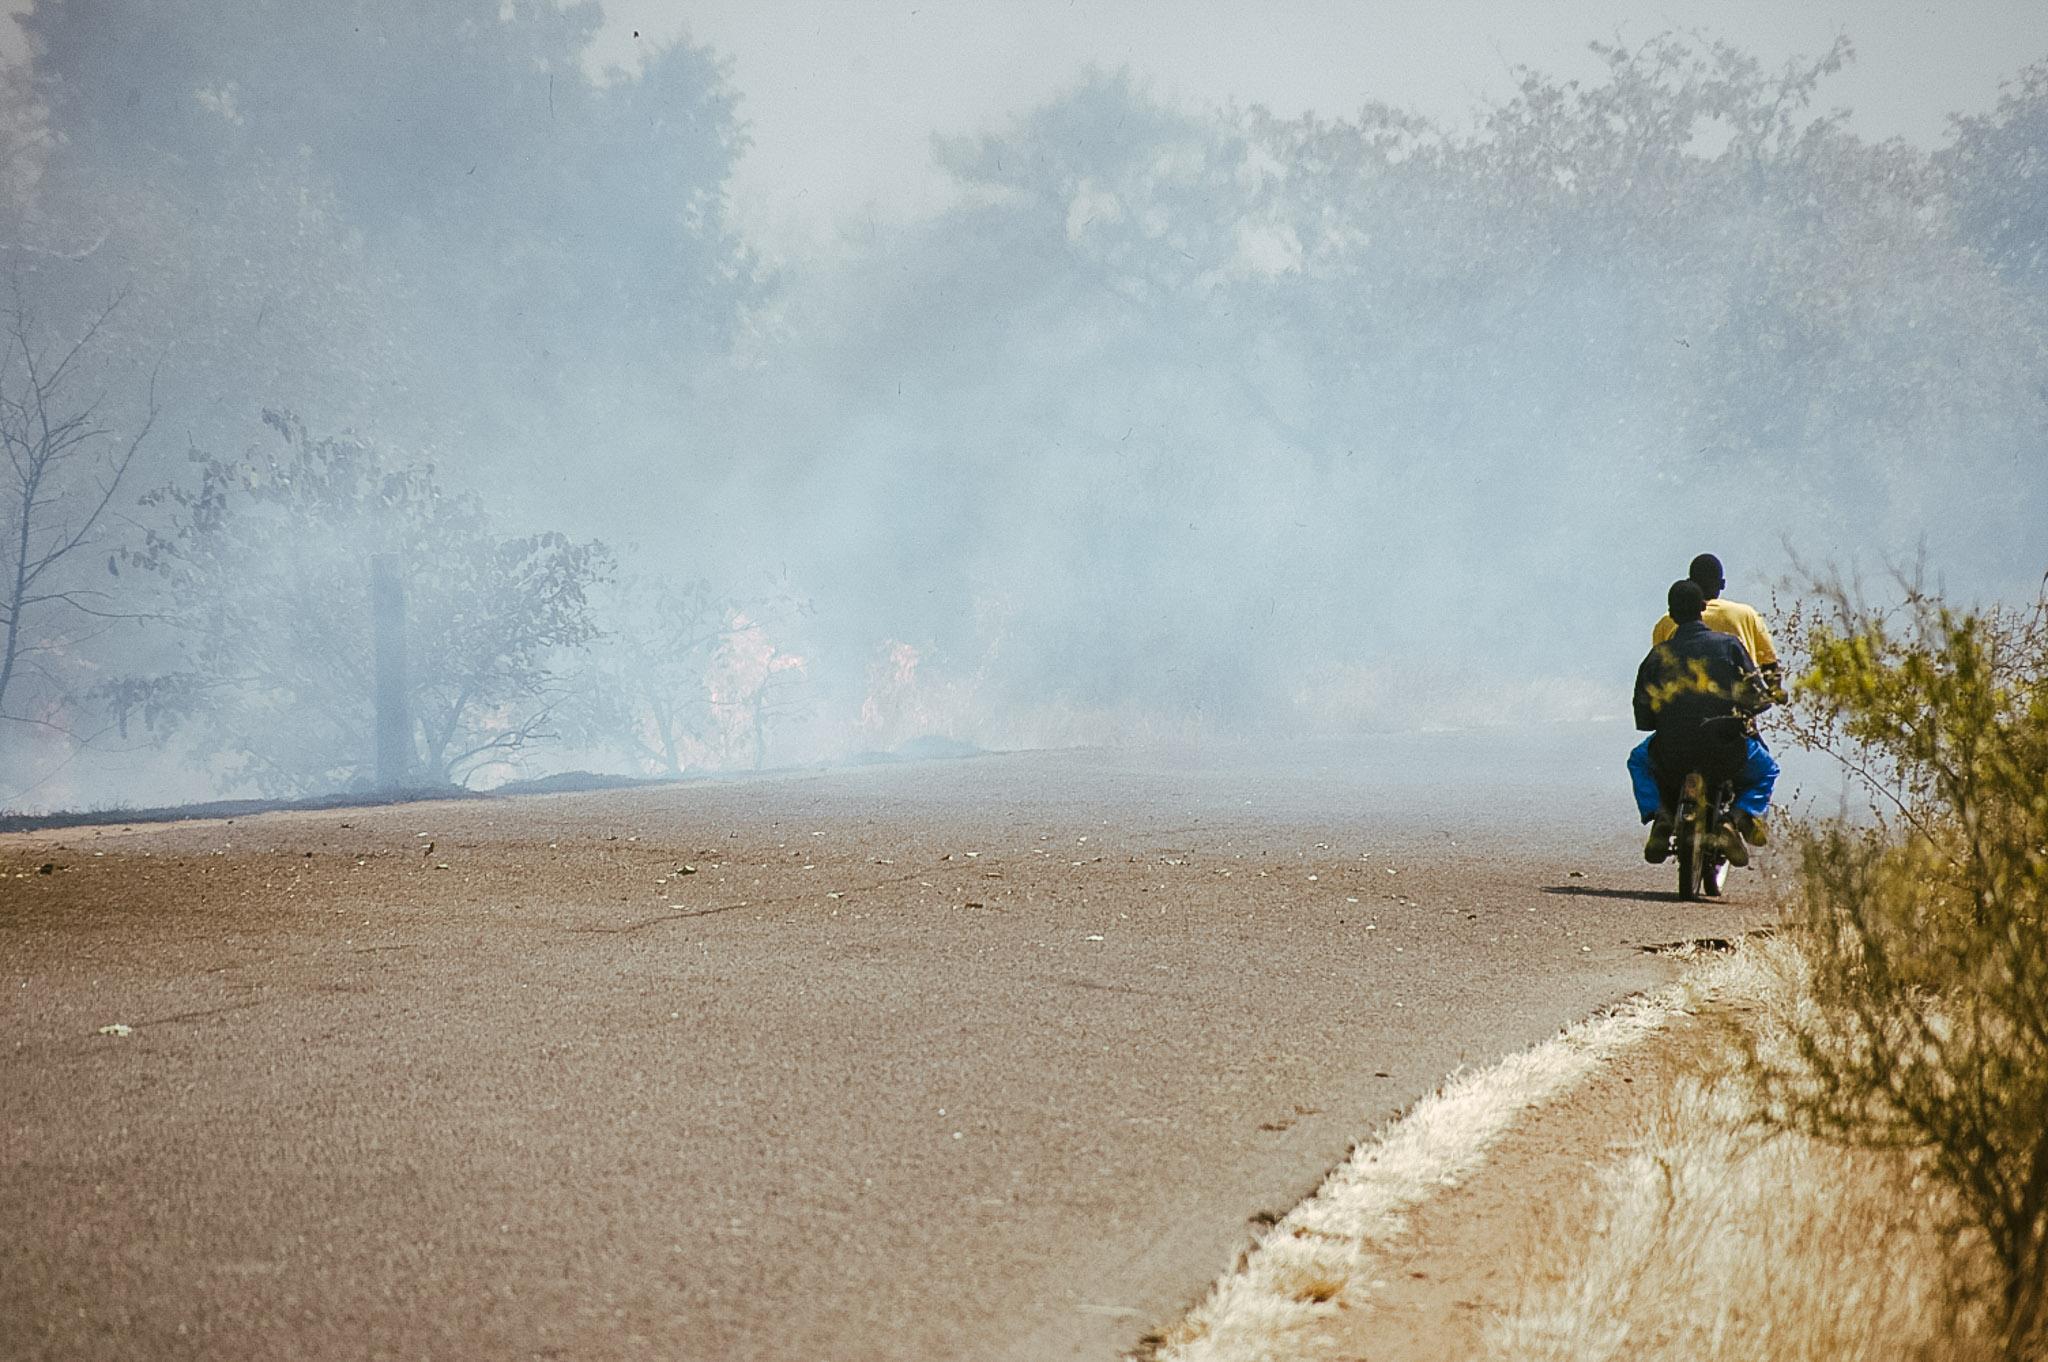 Burkina Faso - Transafrika - Afrika - Roadtrip-407